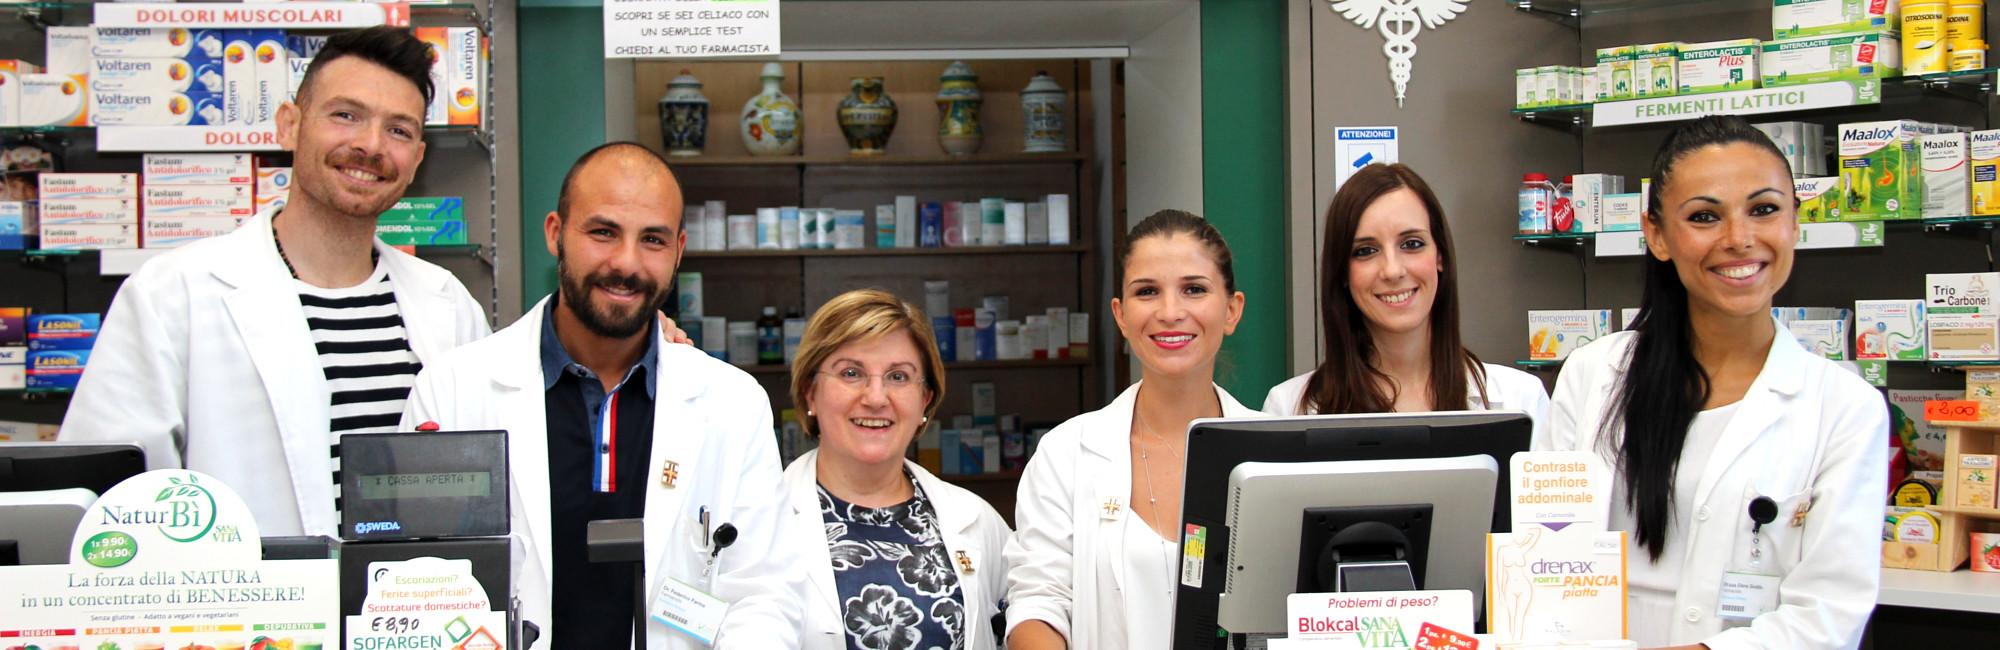 farmacia-delogu-sassari-lattedolce-chisiamo-staff